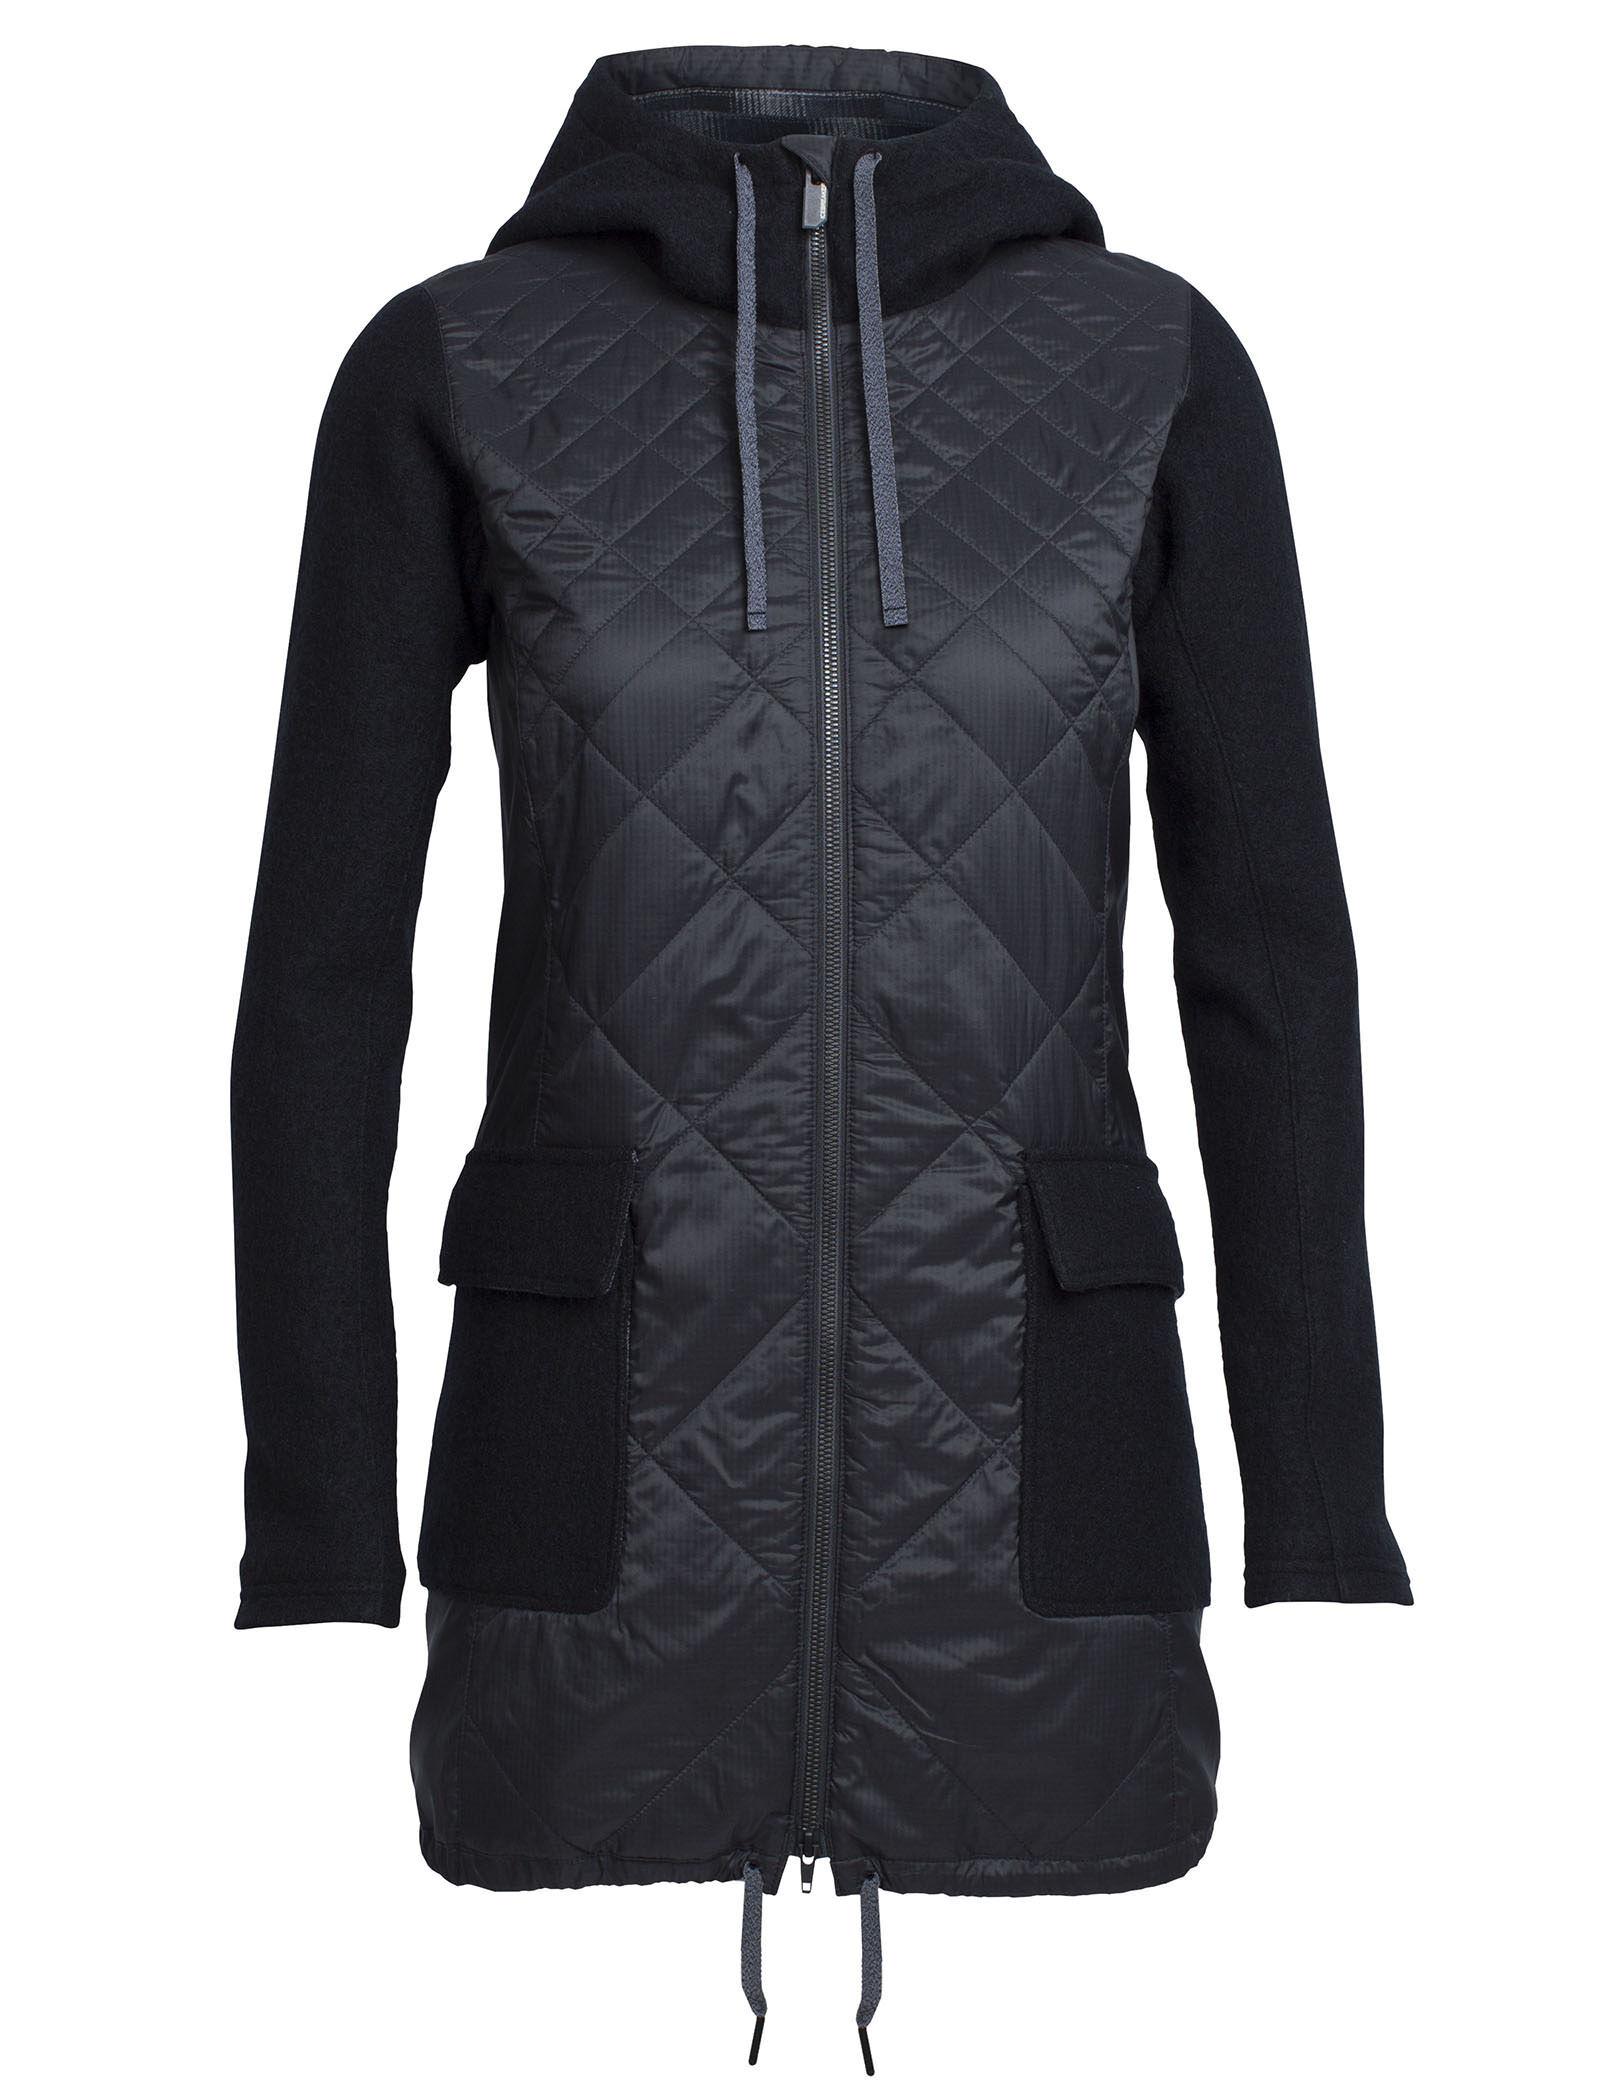 Women's Departure Women's MerinoLOFT™ Jacket MerinoLOFT™ OXZTlwkuiP